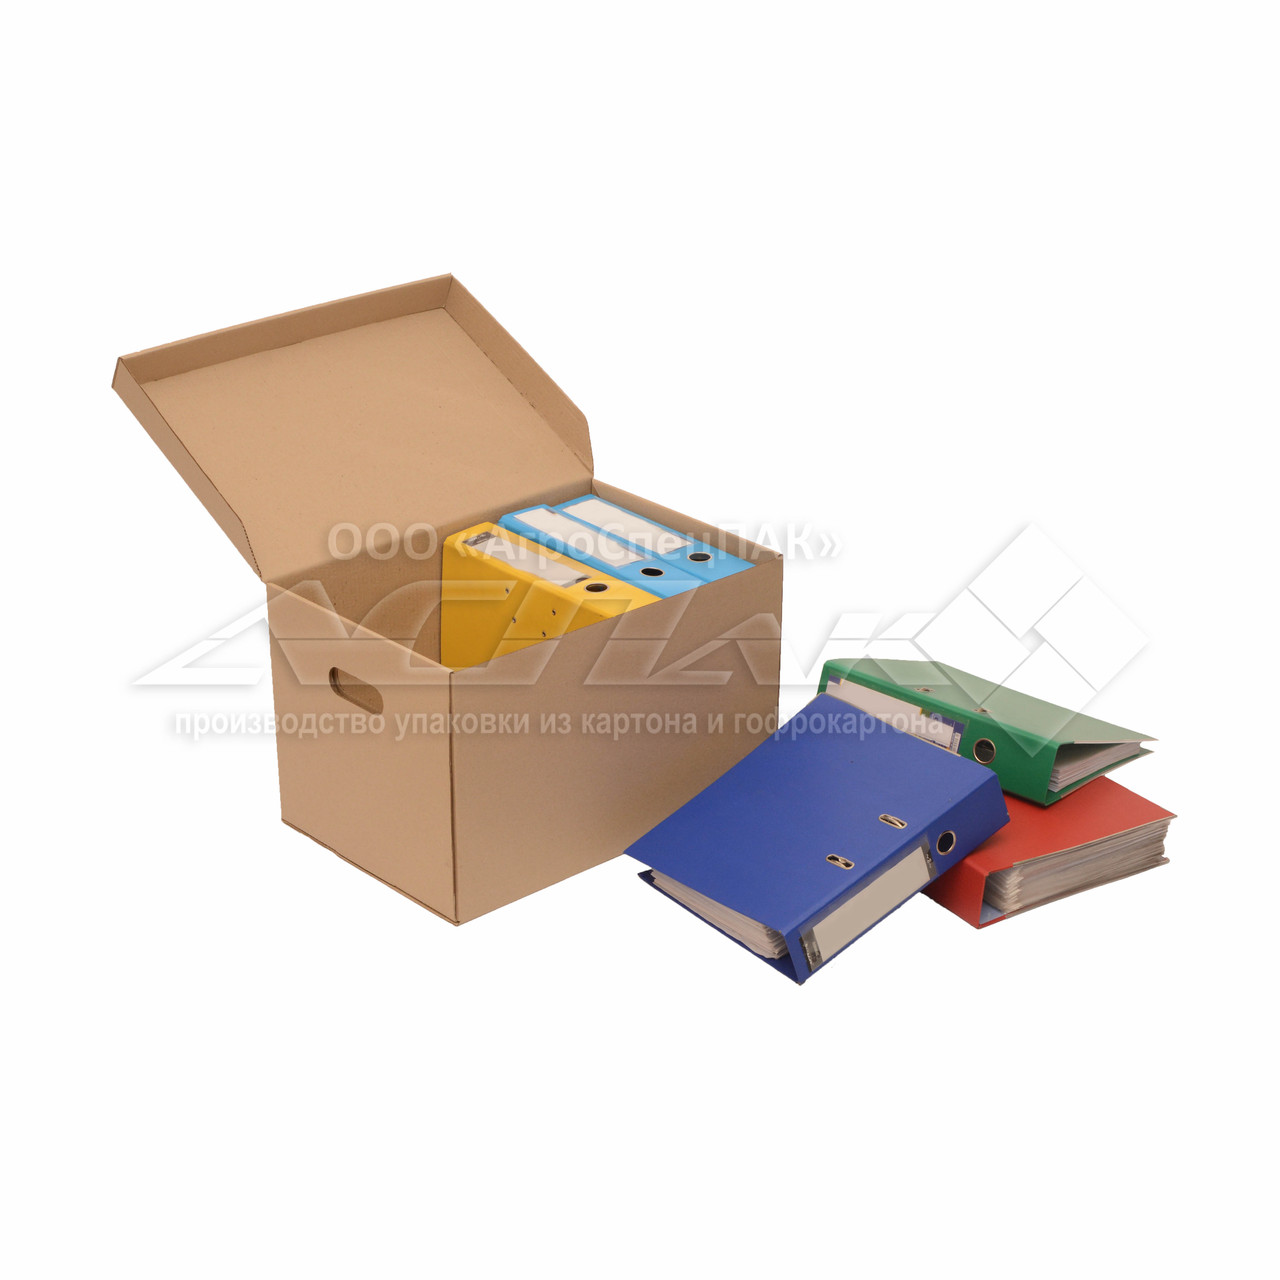 Коробки для документов. Архивные коробки. Архивные боксы 480x325x300 мм. коричневые